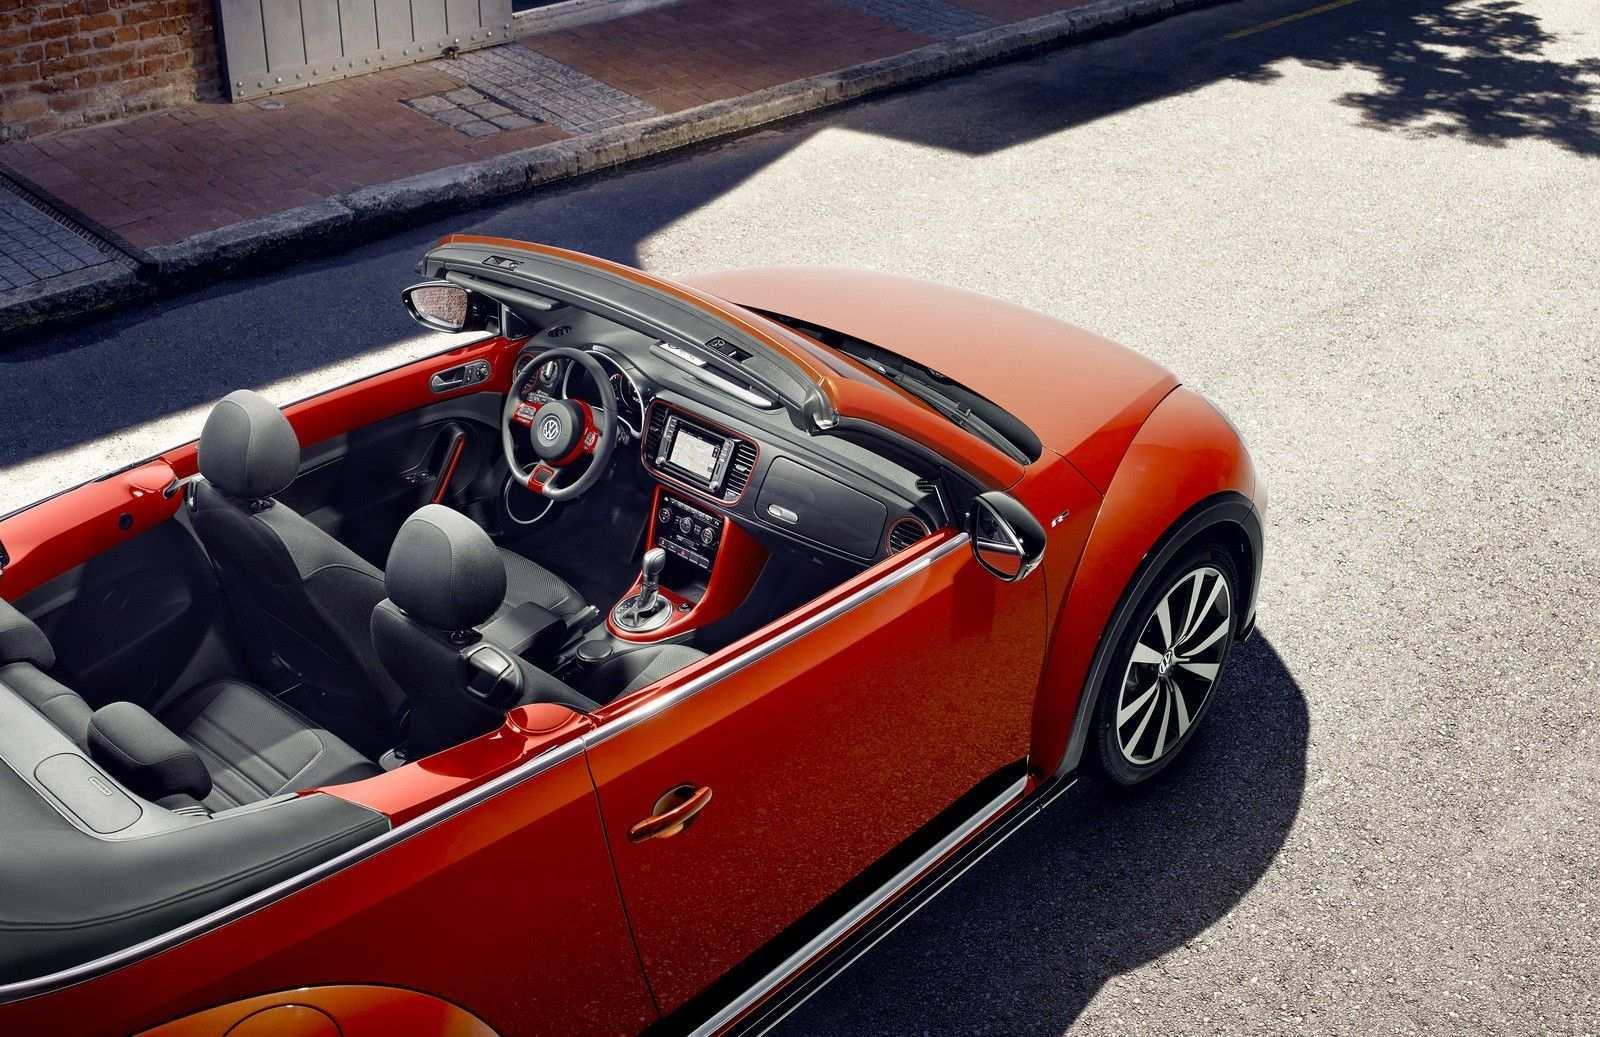 62 Best Review 2020 Volkswagen Beetle Convertible Picture with 2020 Volkswagen Beetle Convertible